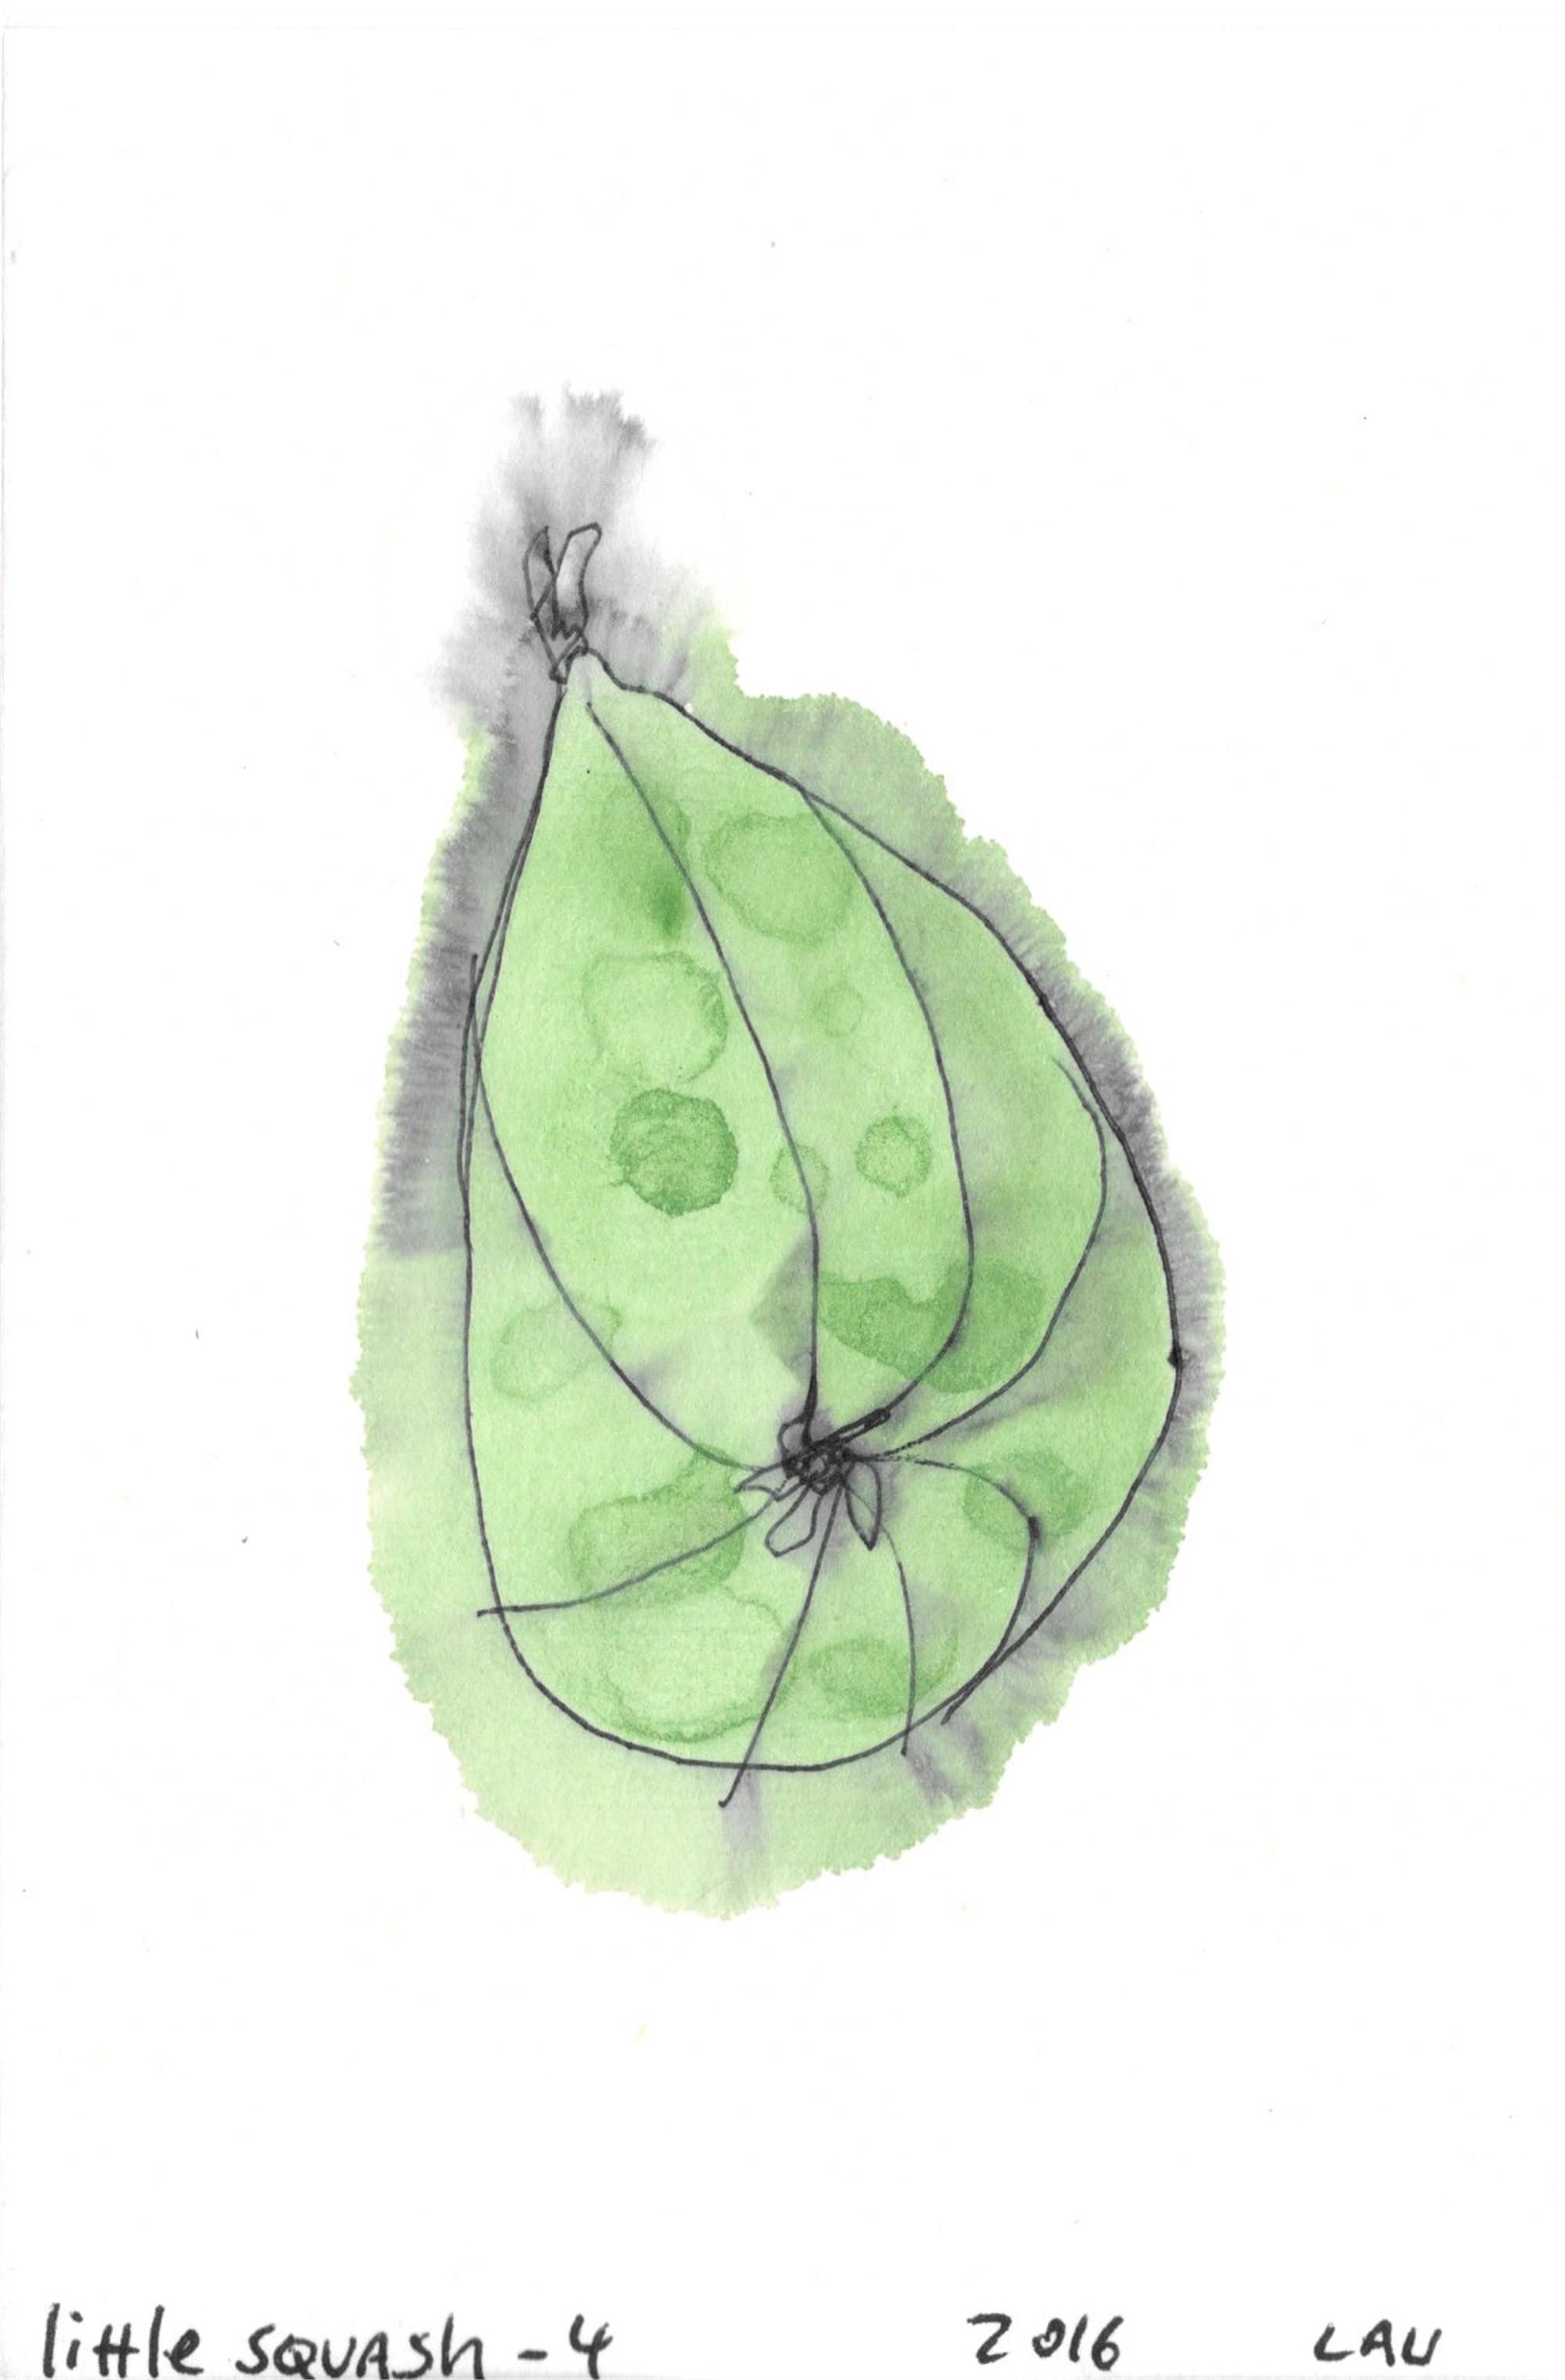 little squash #4 by Alan Lau